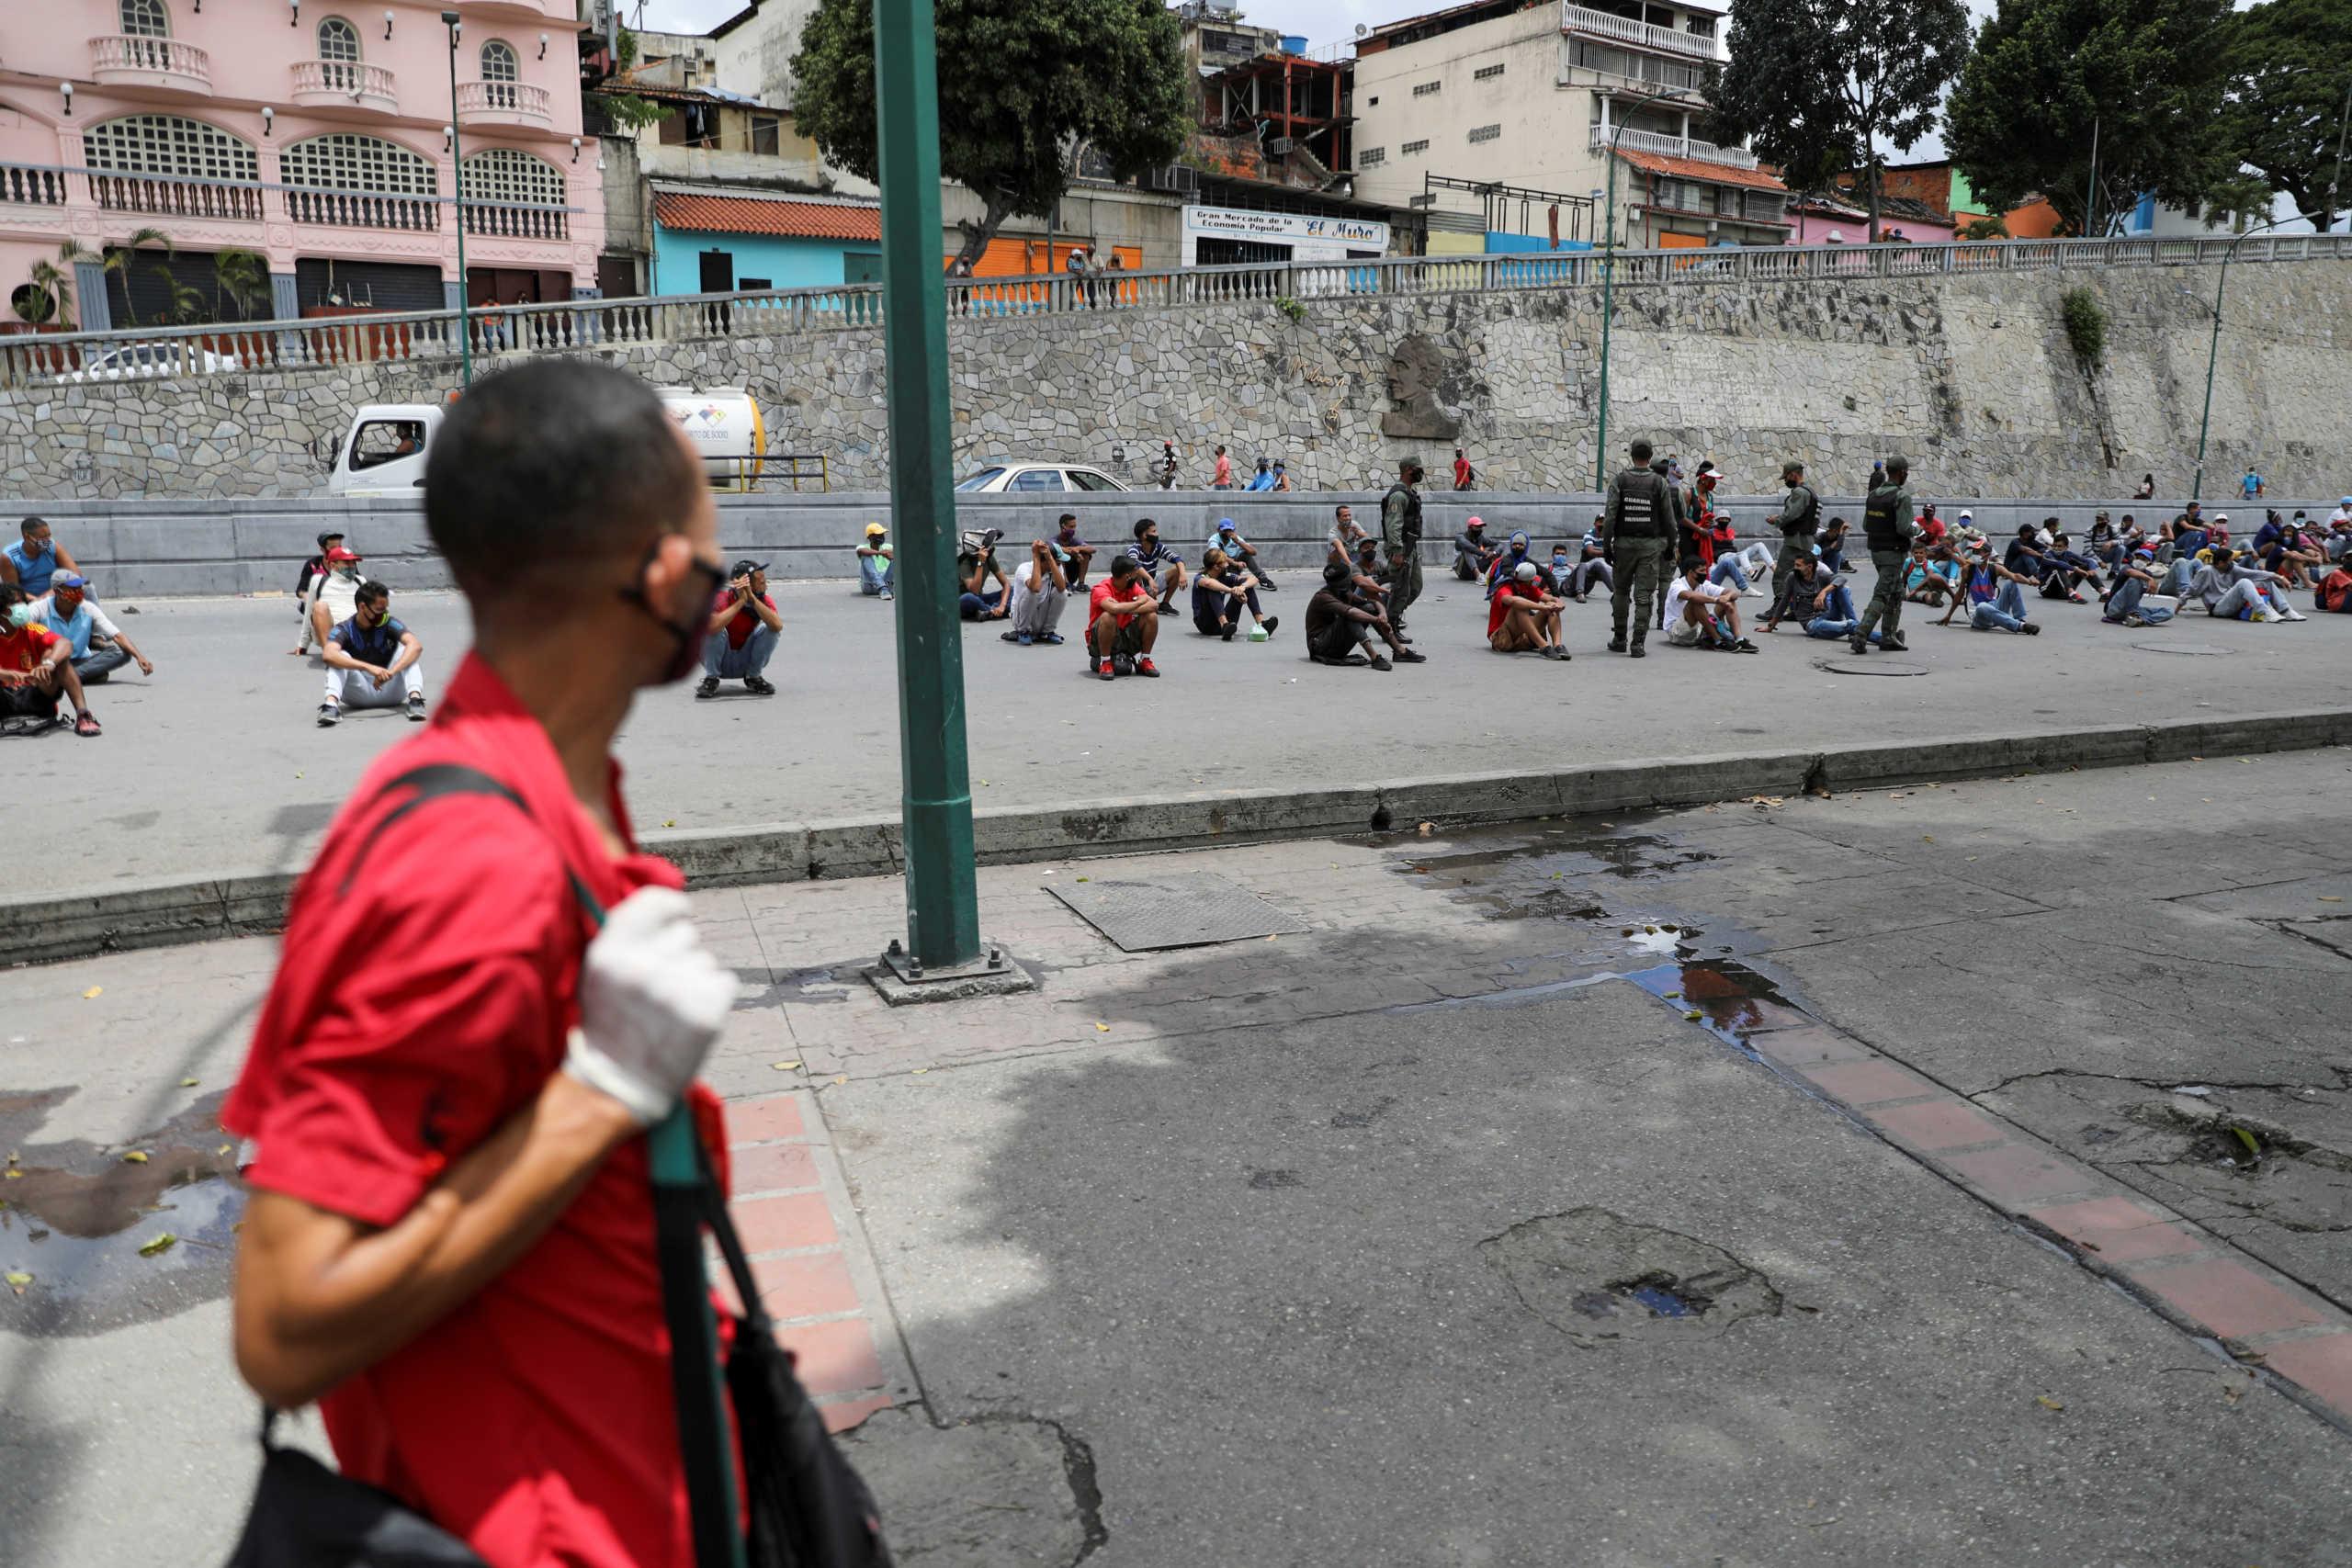 Κορονοϊός: Για πρώτη φορά πάνω από 1.000 κρούσματα σε μια μέρα στη Βενεζουέλα